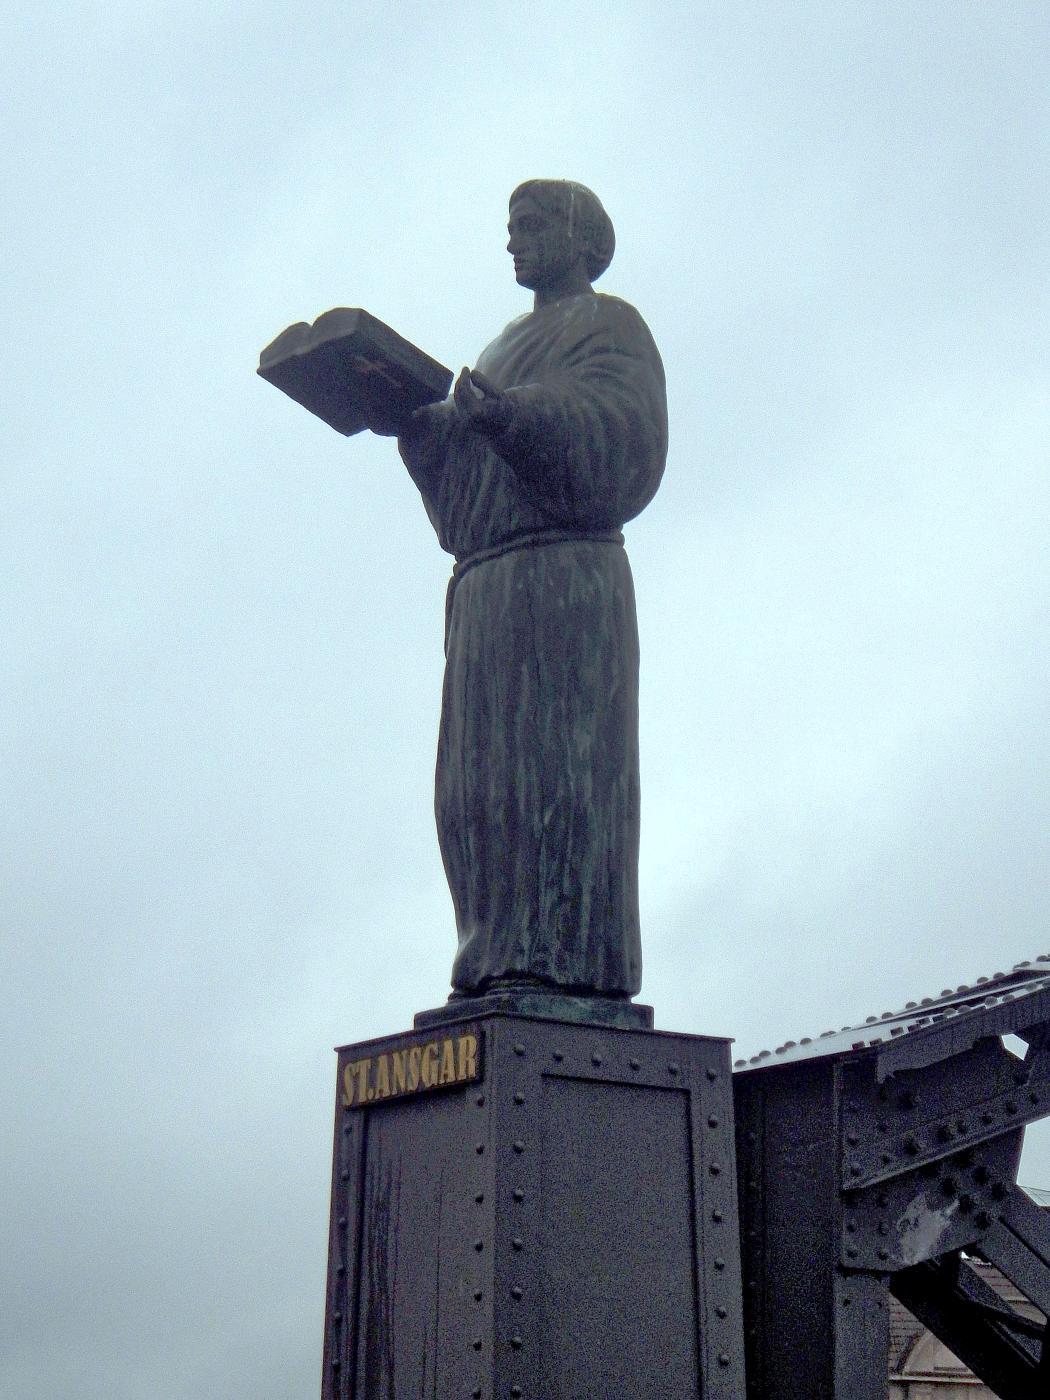 St. Angar-Skulptur Brooksbrücke